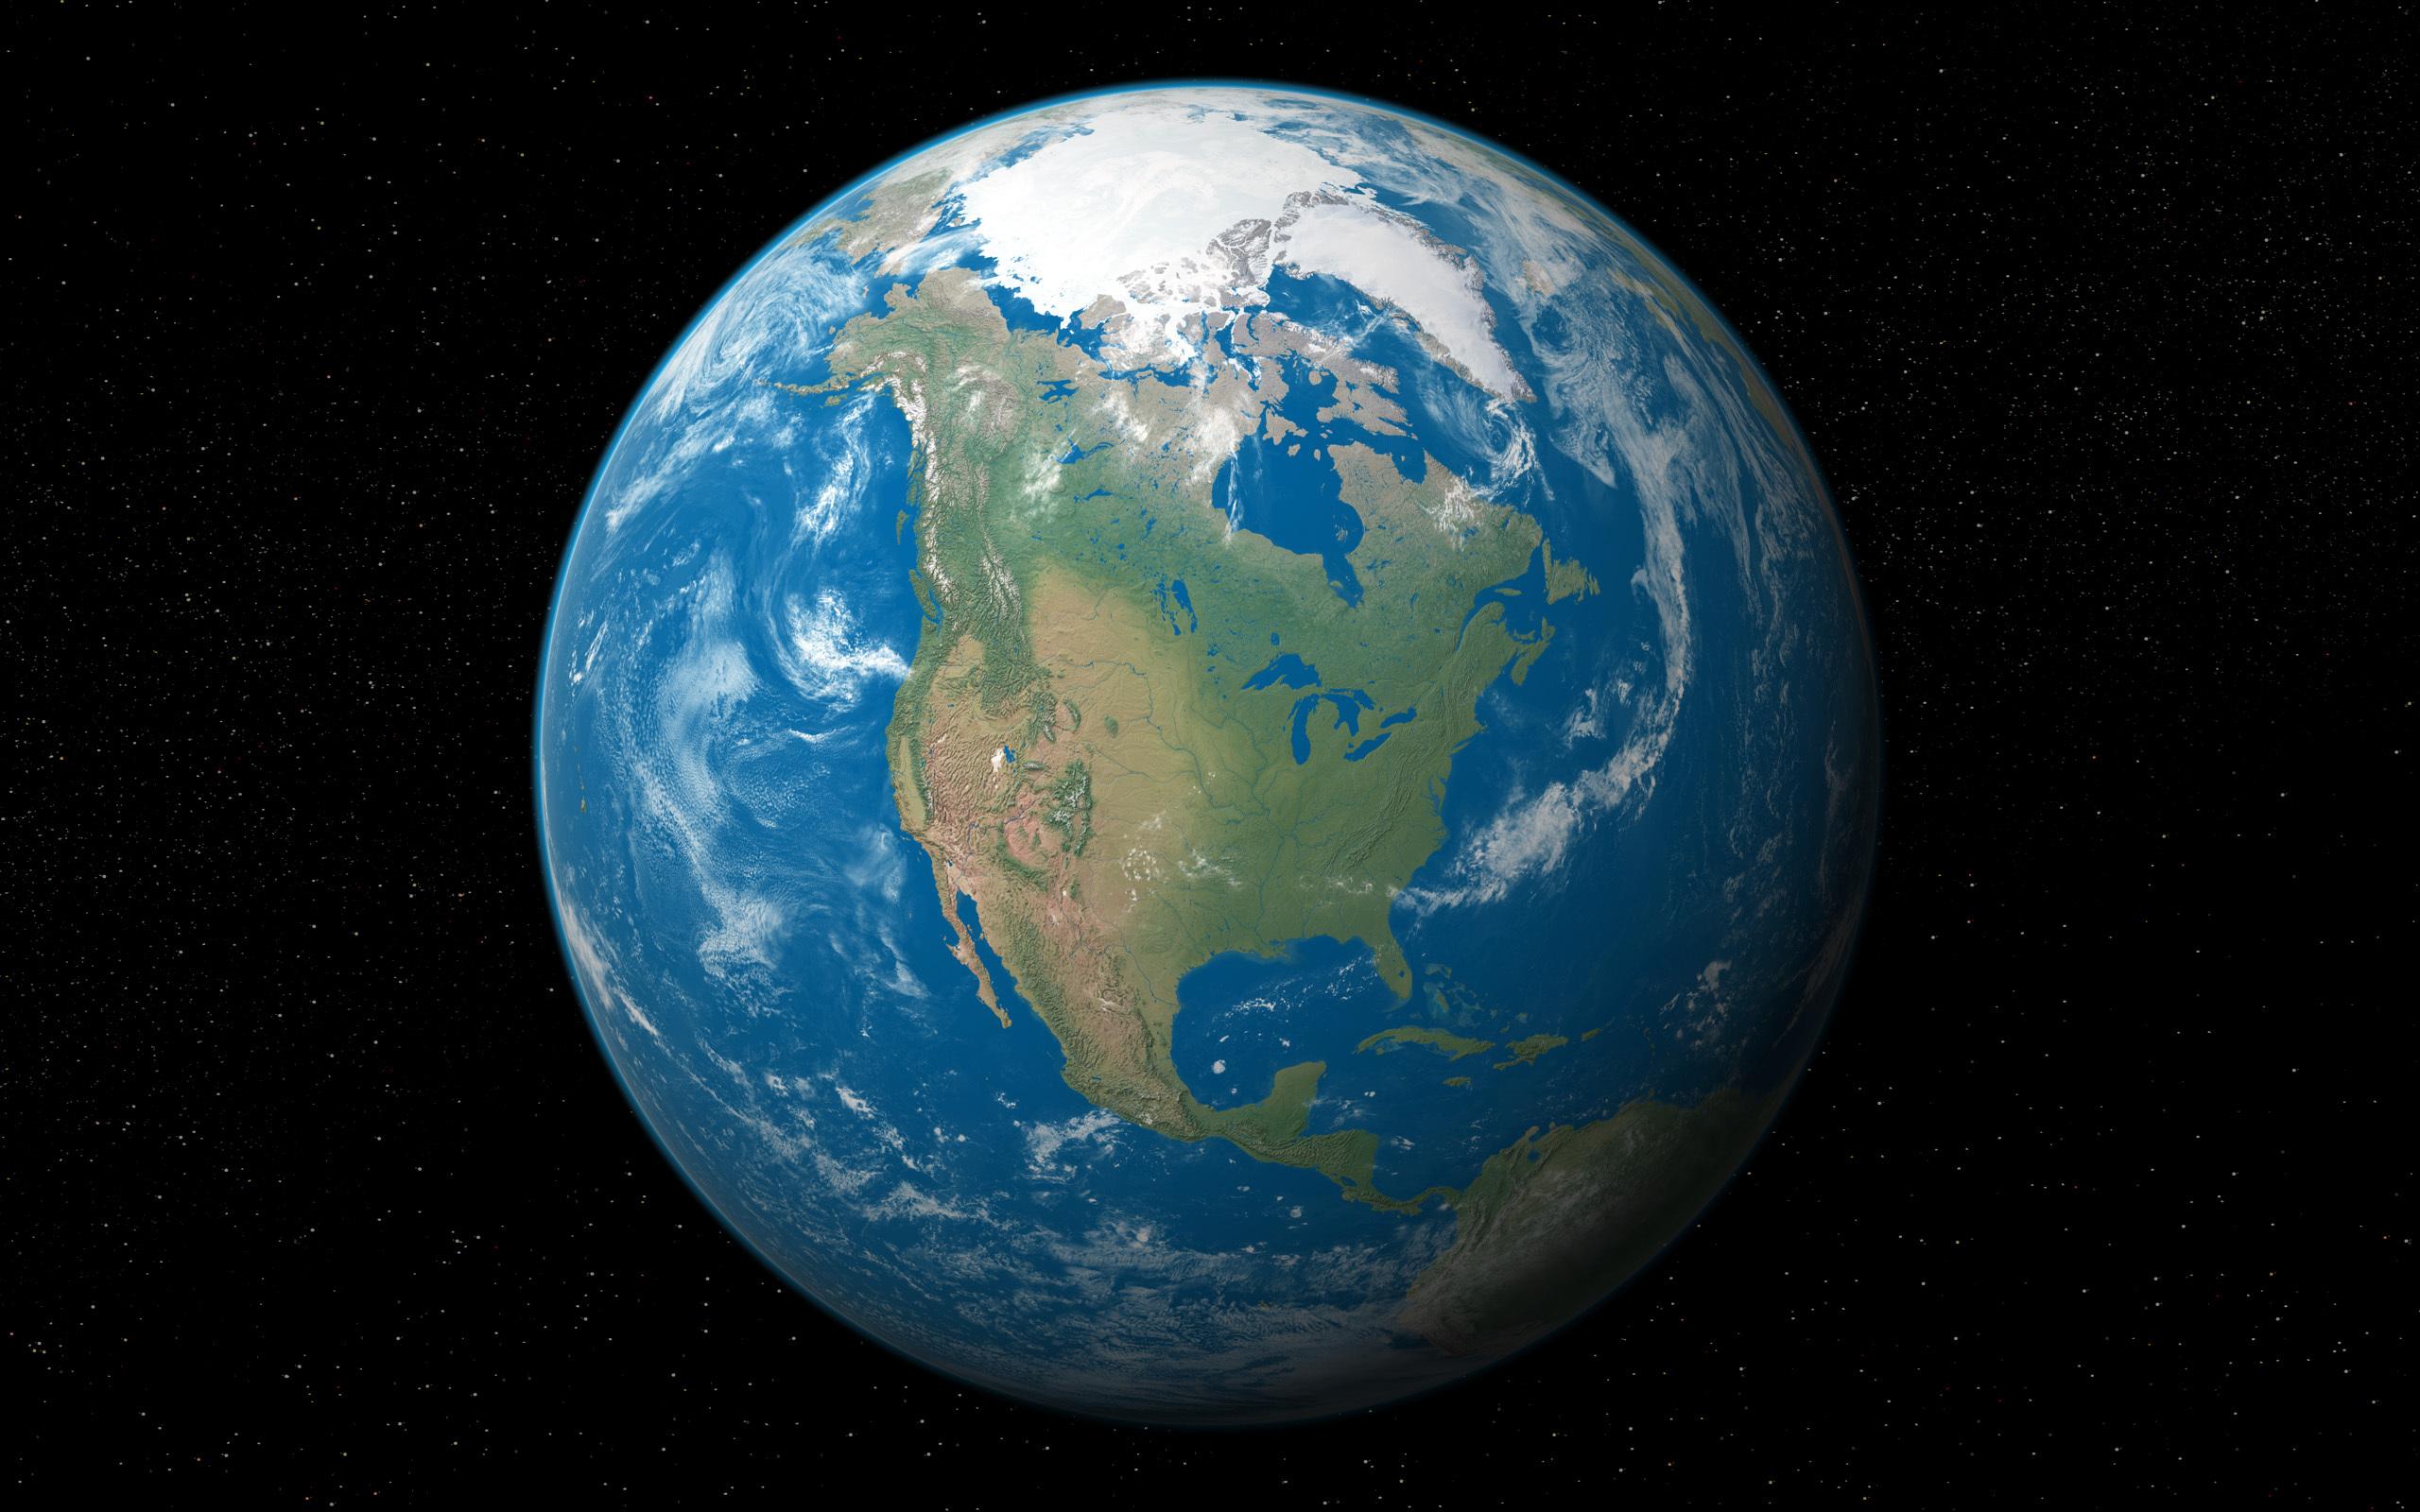 Обои для рабочего стола космос земля